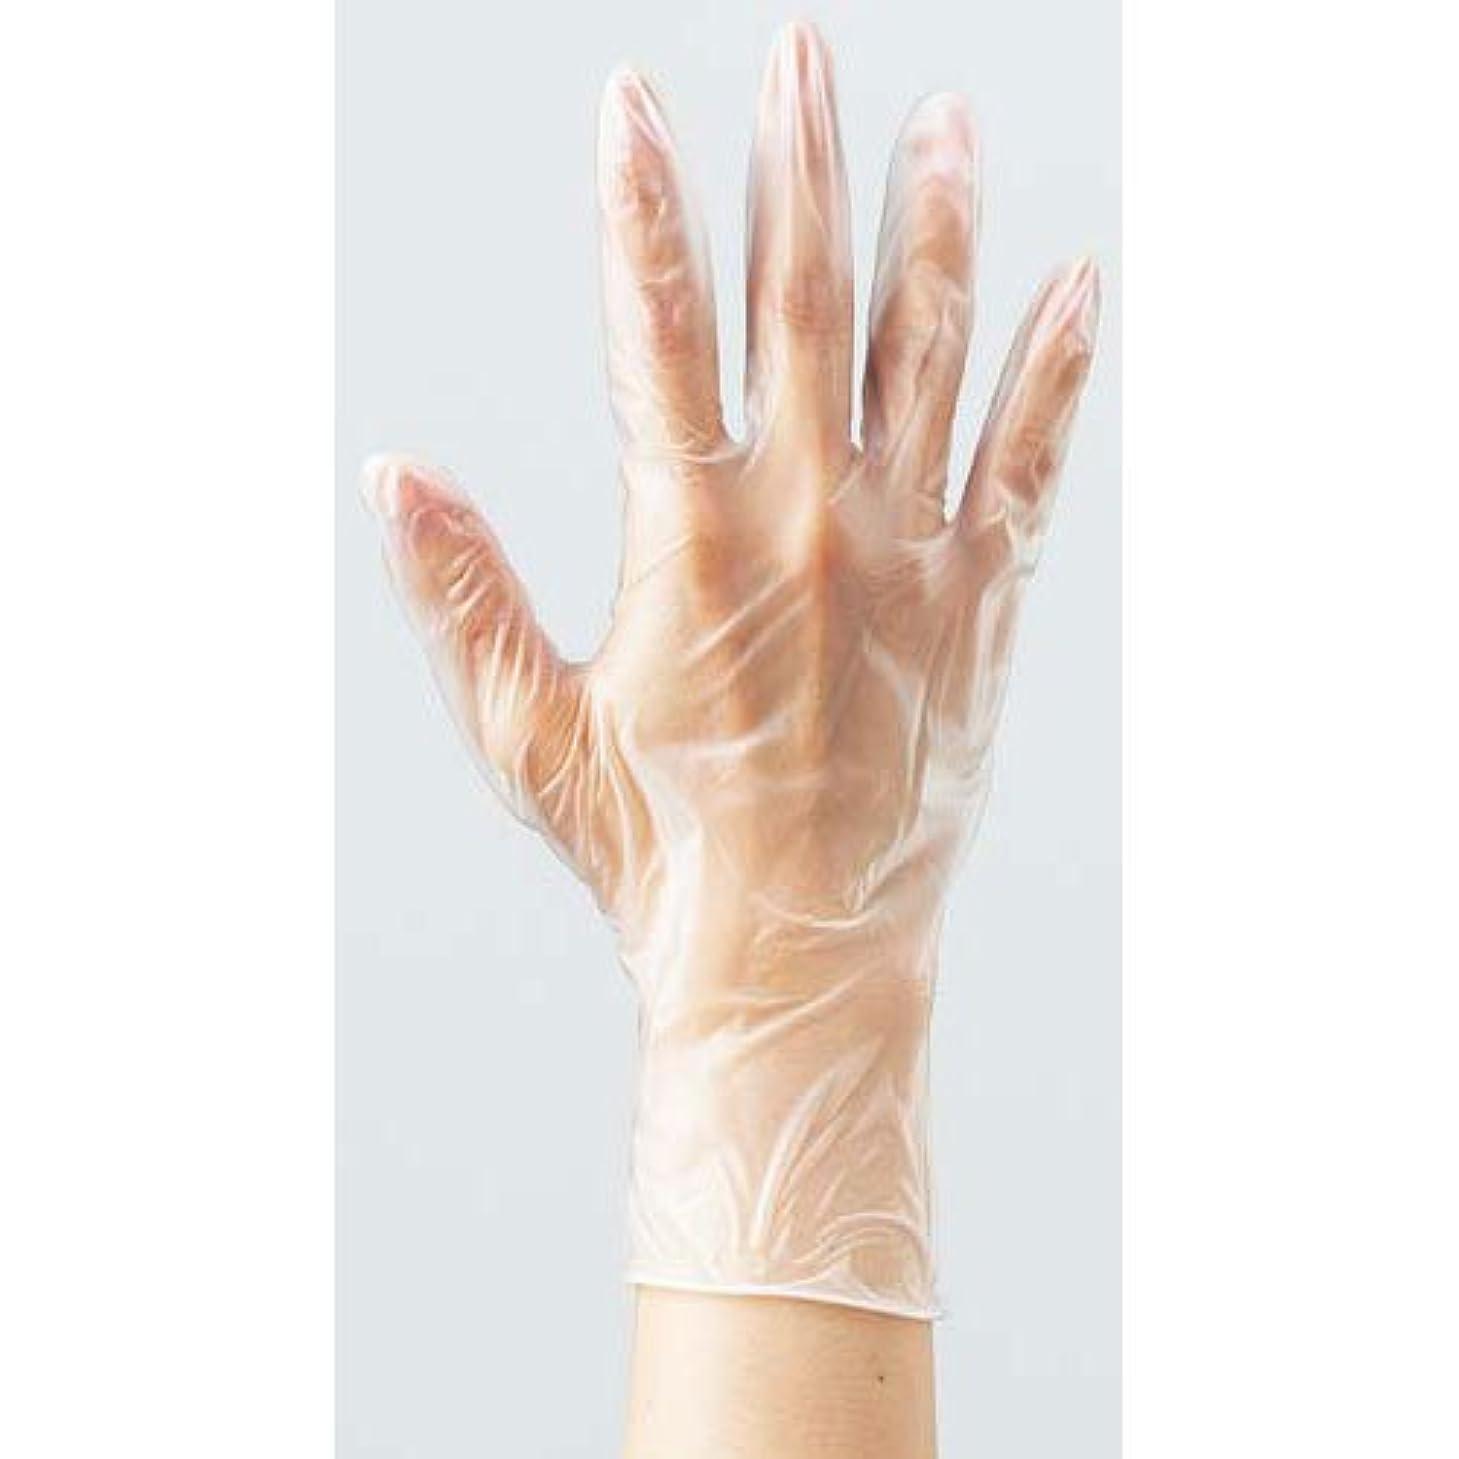 比較的ロシア私のカウネット プラスチック手袋 袋入 粉付L 100枚